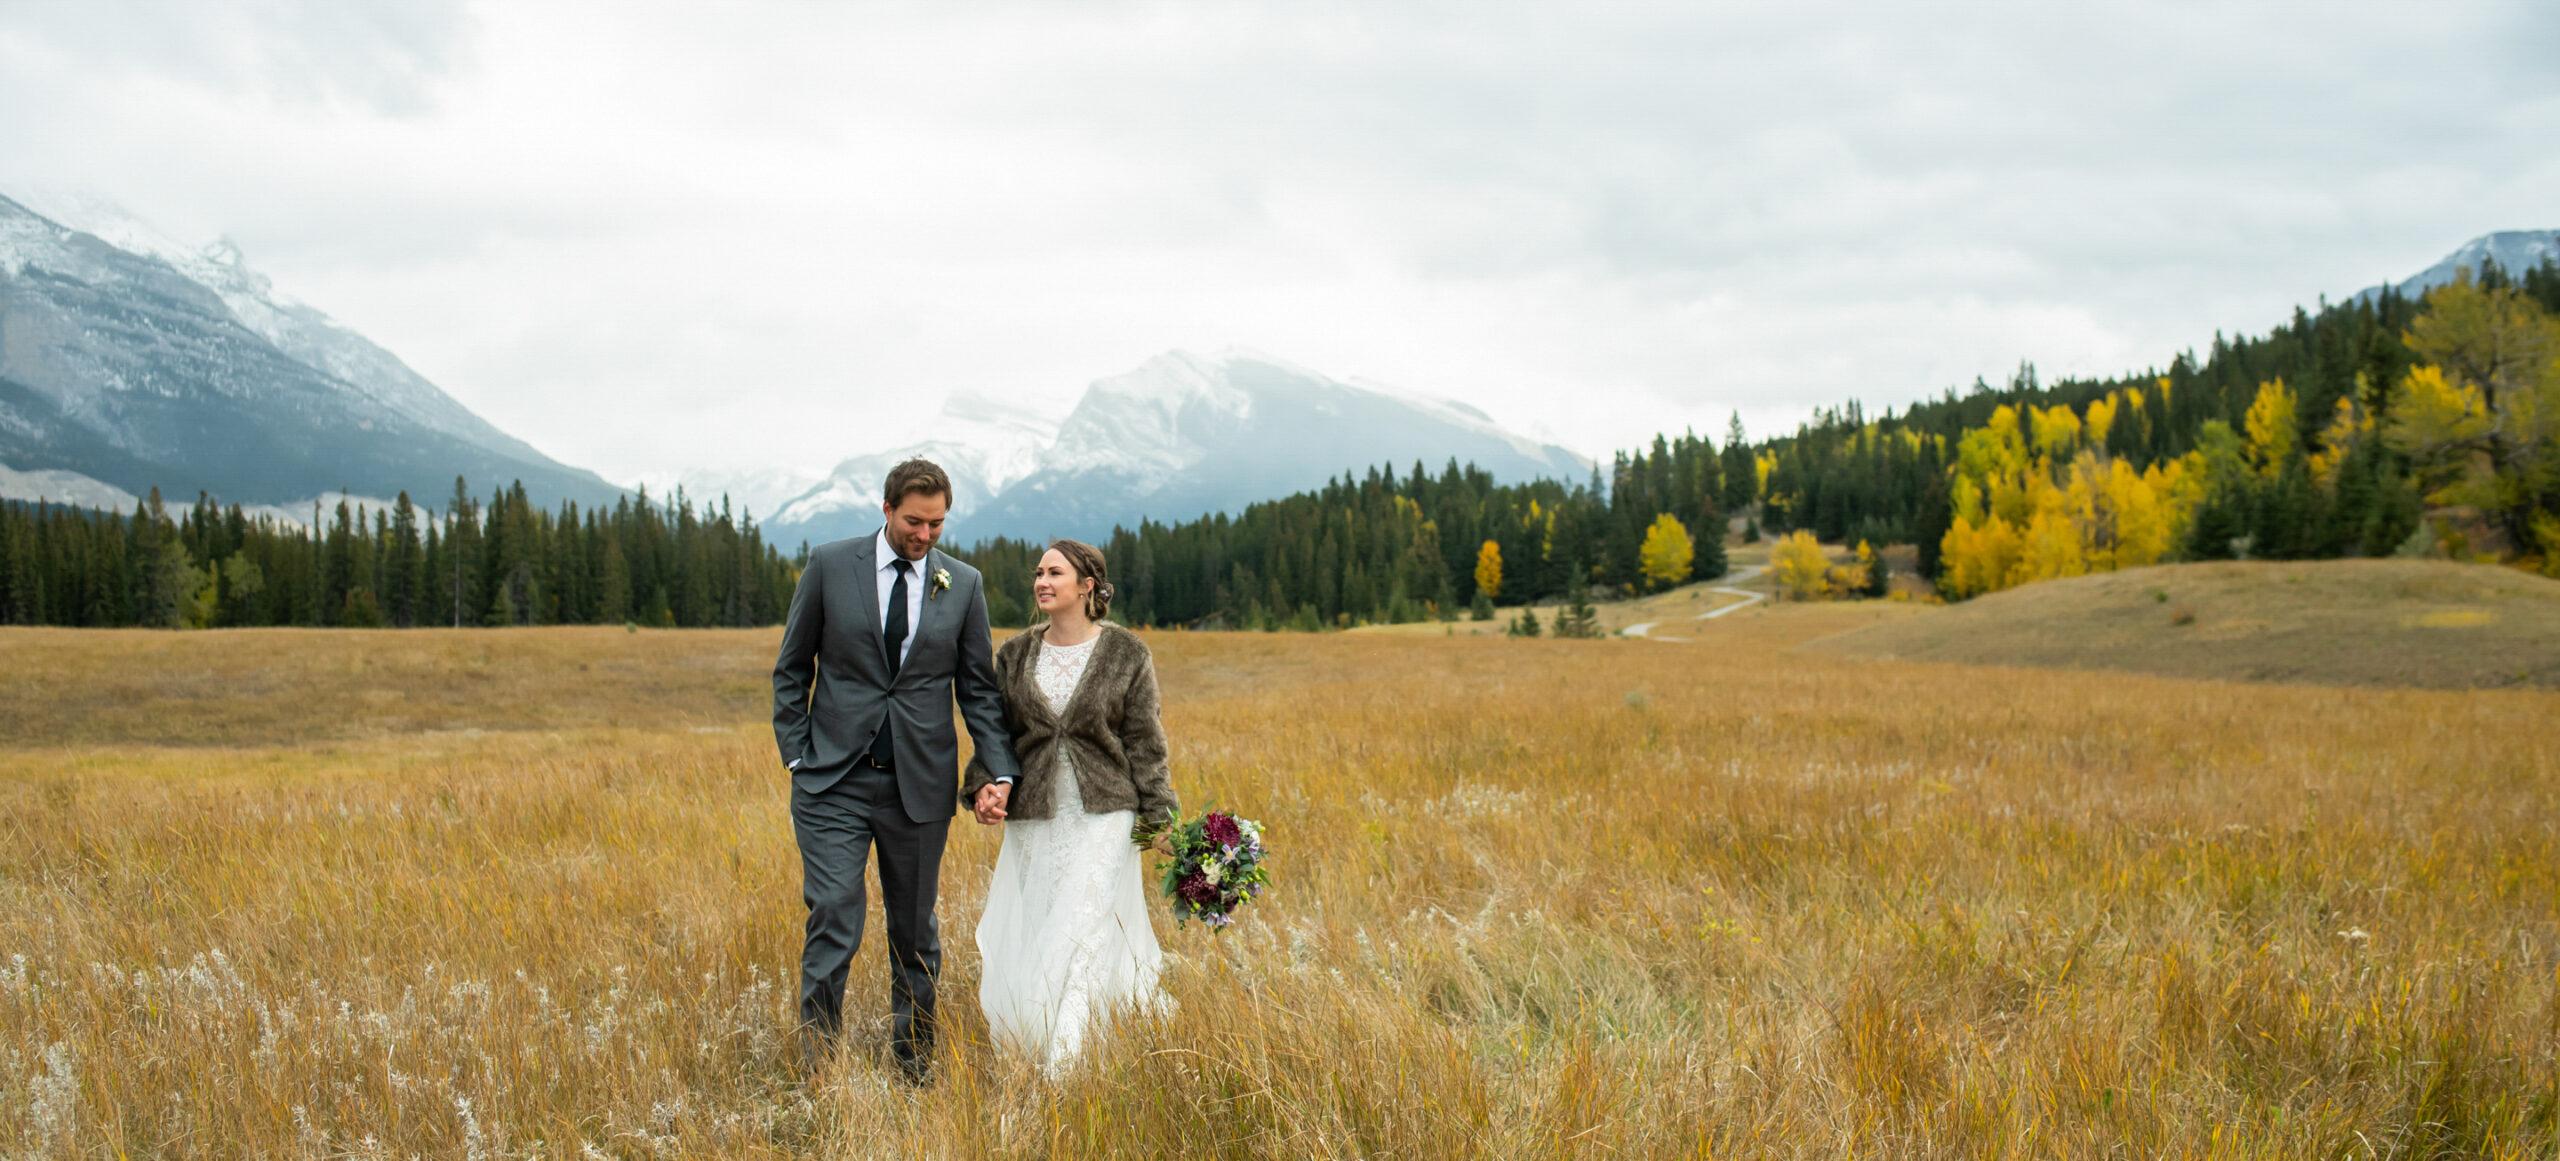 CalgaryPhotographer00005